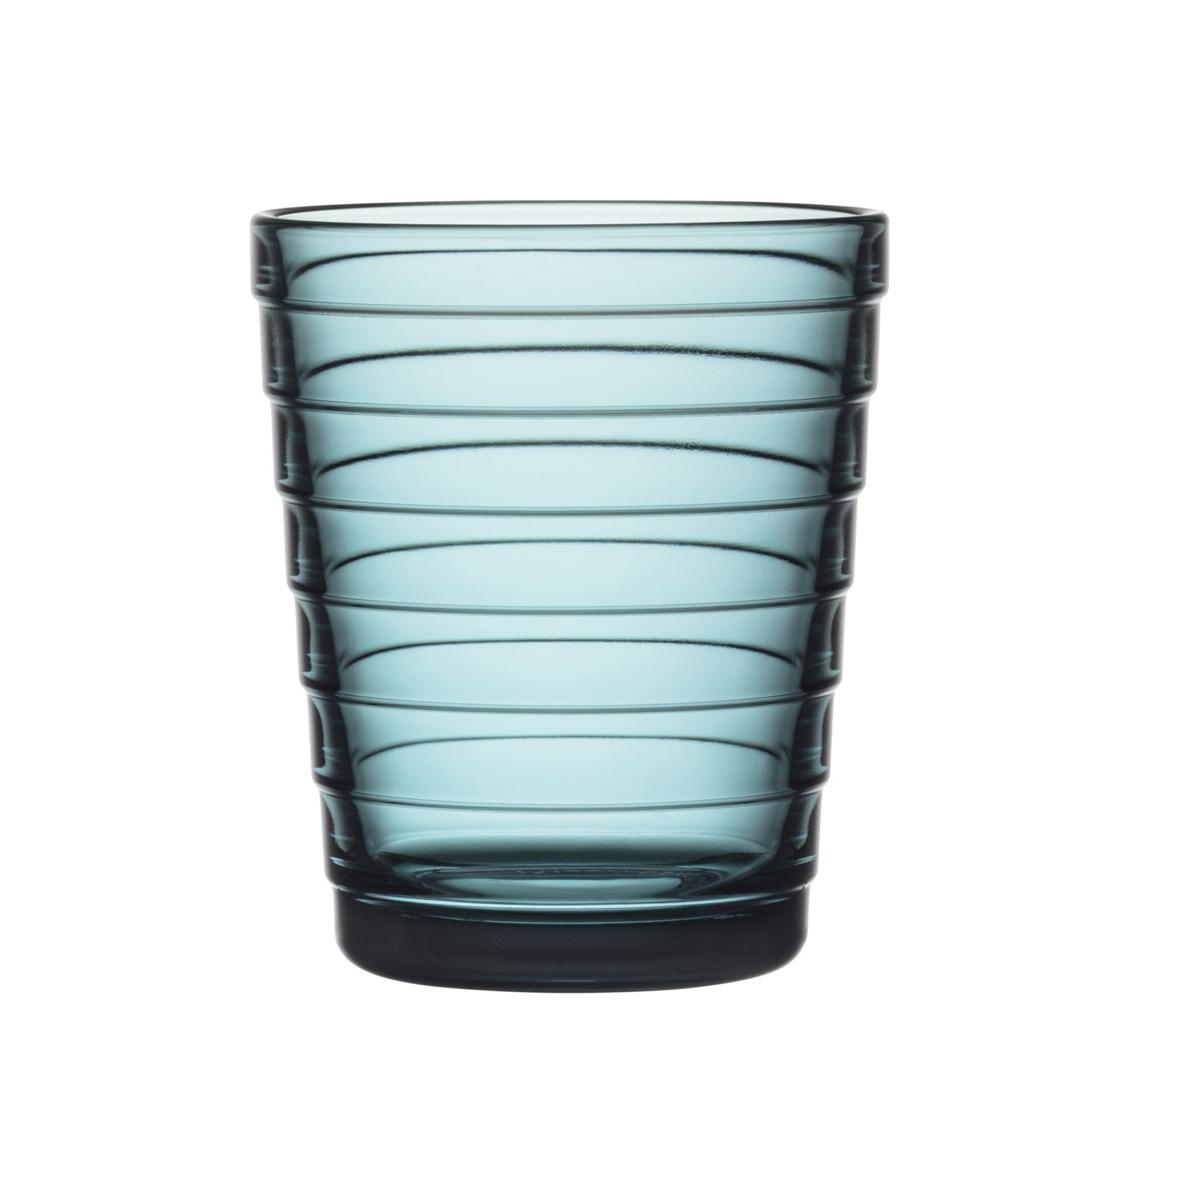 Aino_Aalto_glass_22cl_seablue